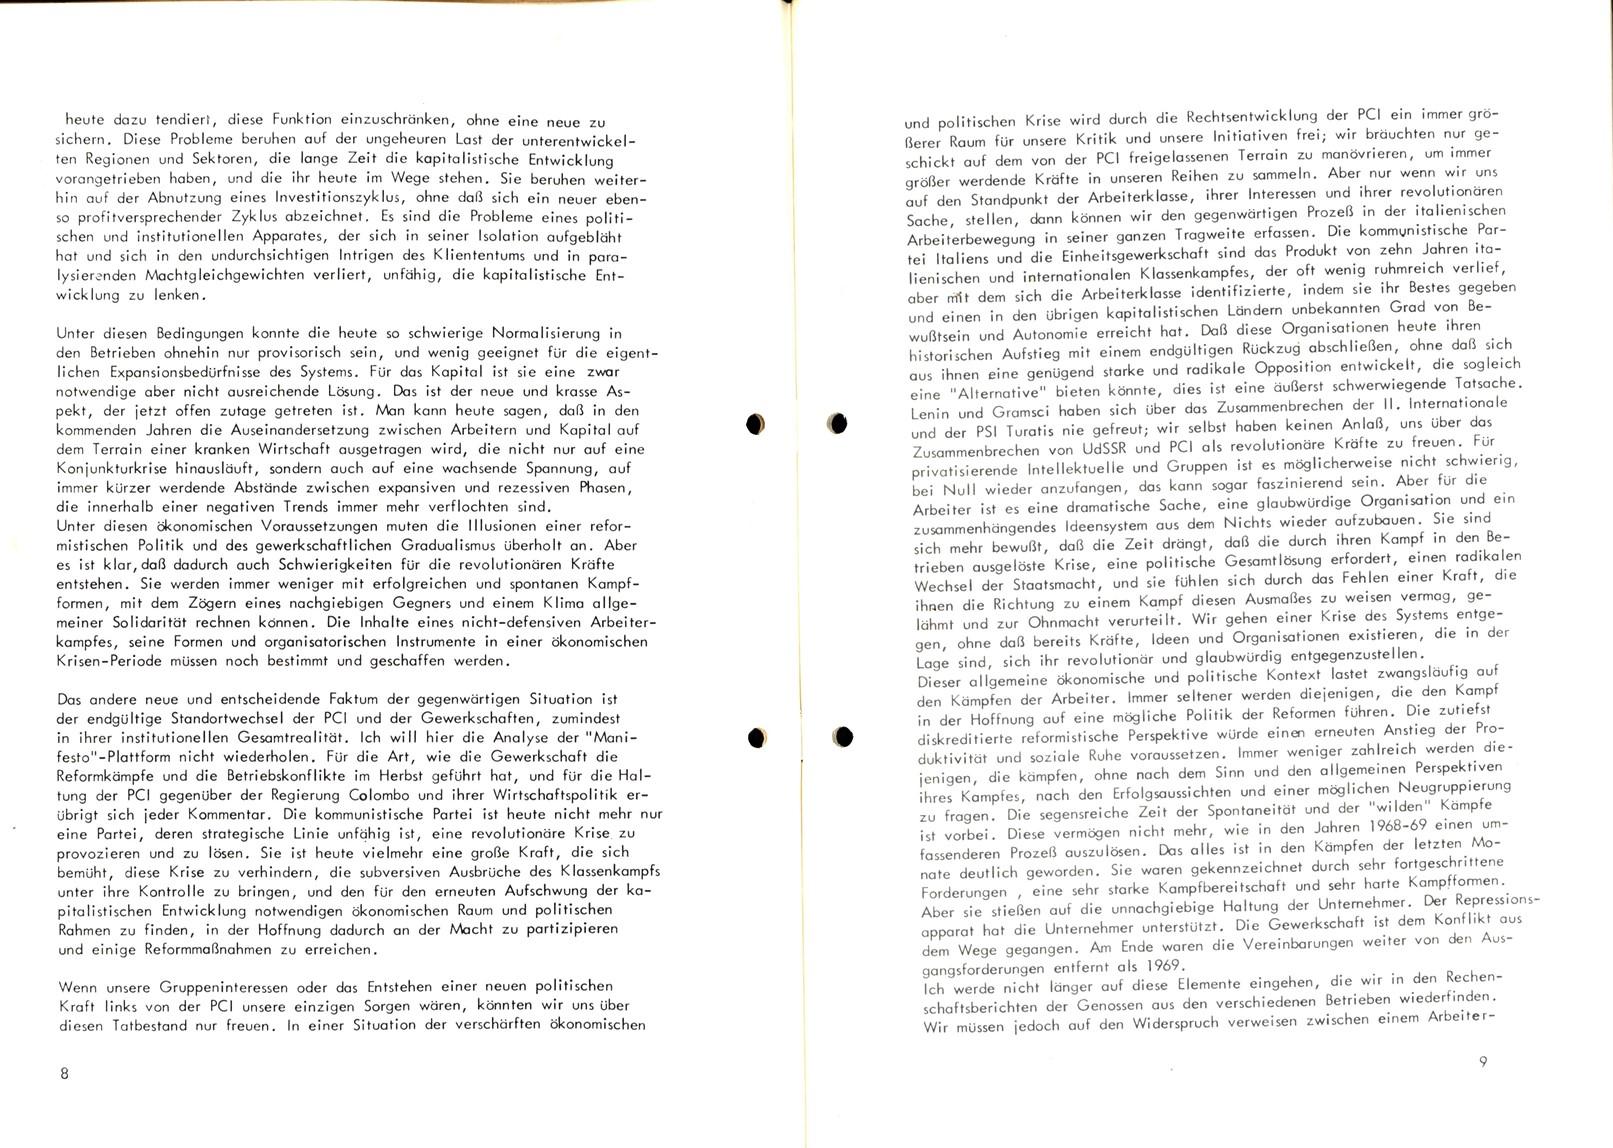 Manifesto_1971_Einheit_der_Klassenlinken_05